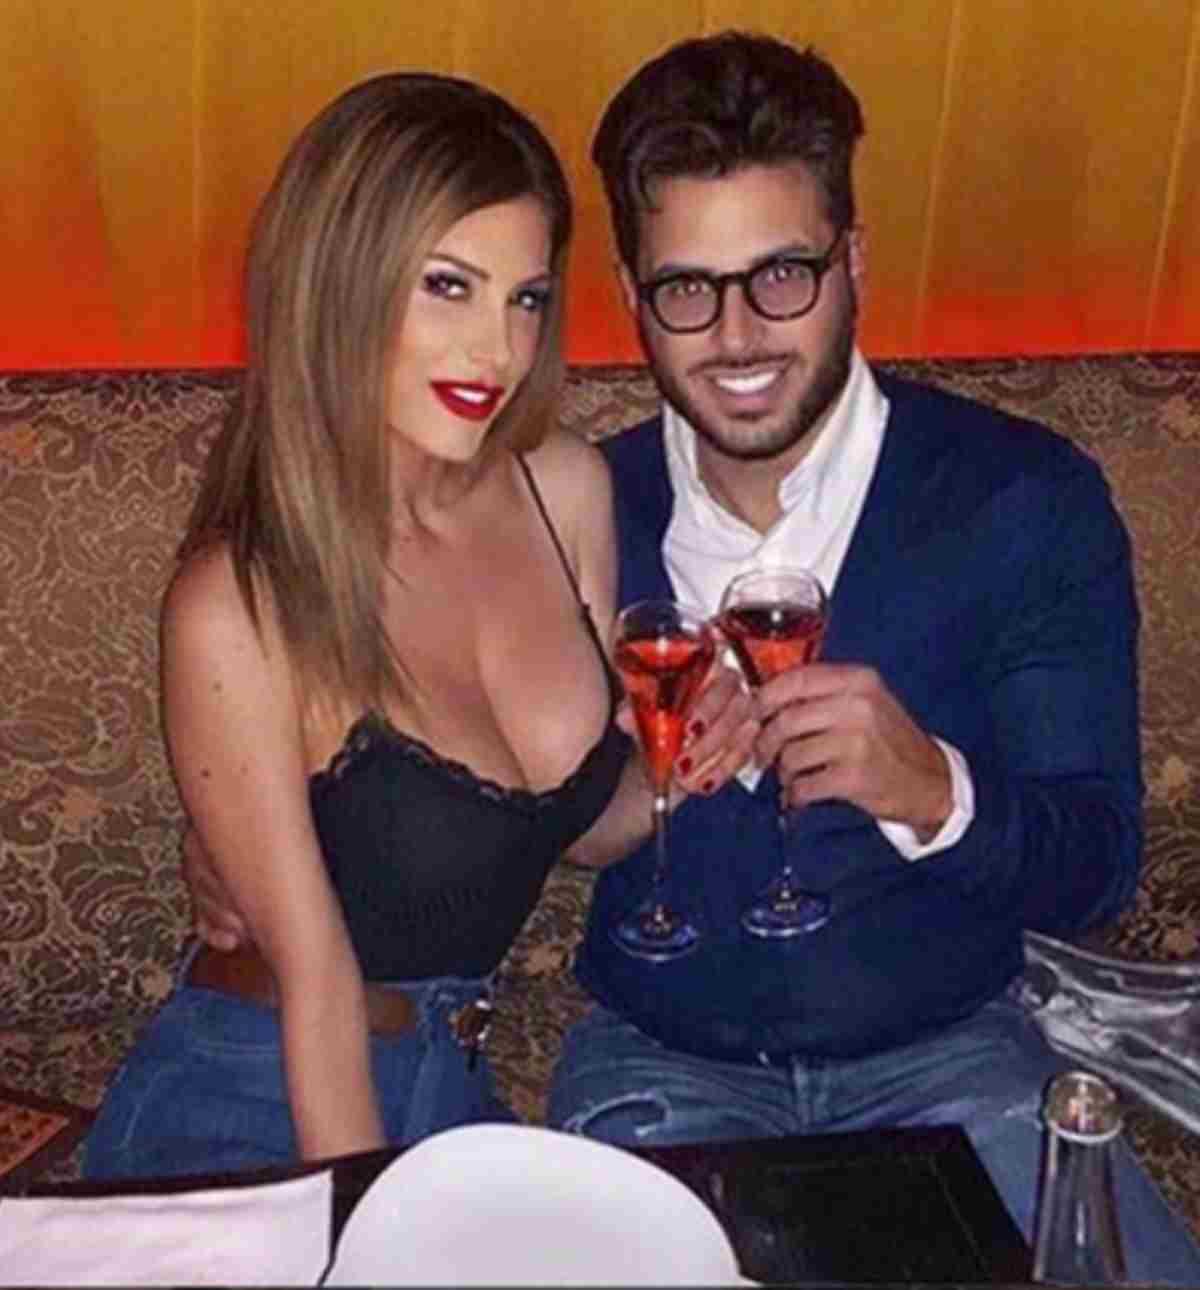 Francesco Caserta chi è l'ex fidanzato di Paola Caruso? Età, supermercati, Arona, figlio, sorella